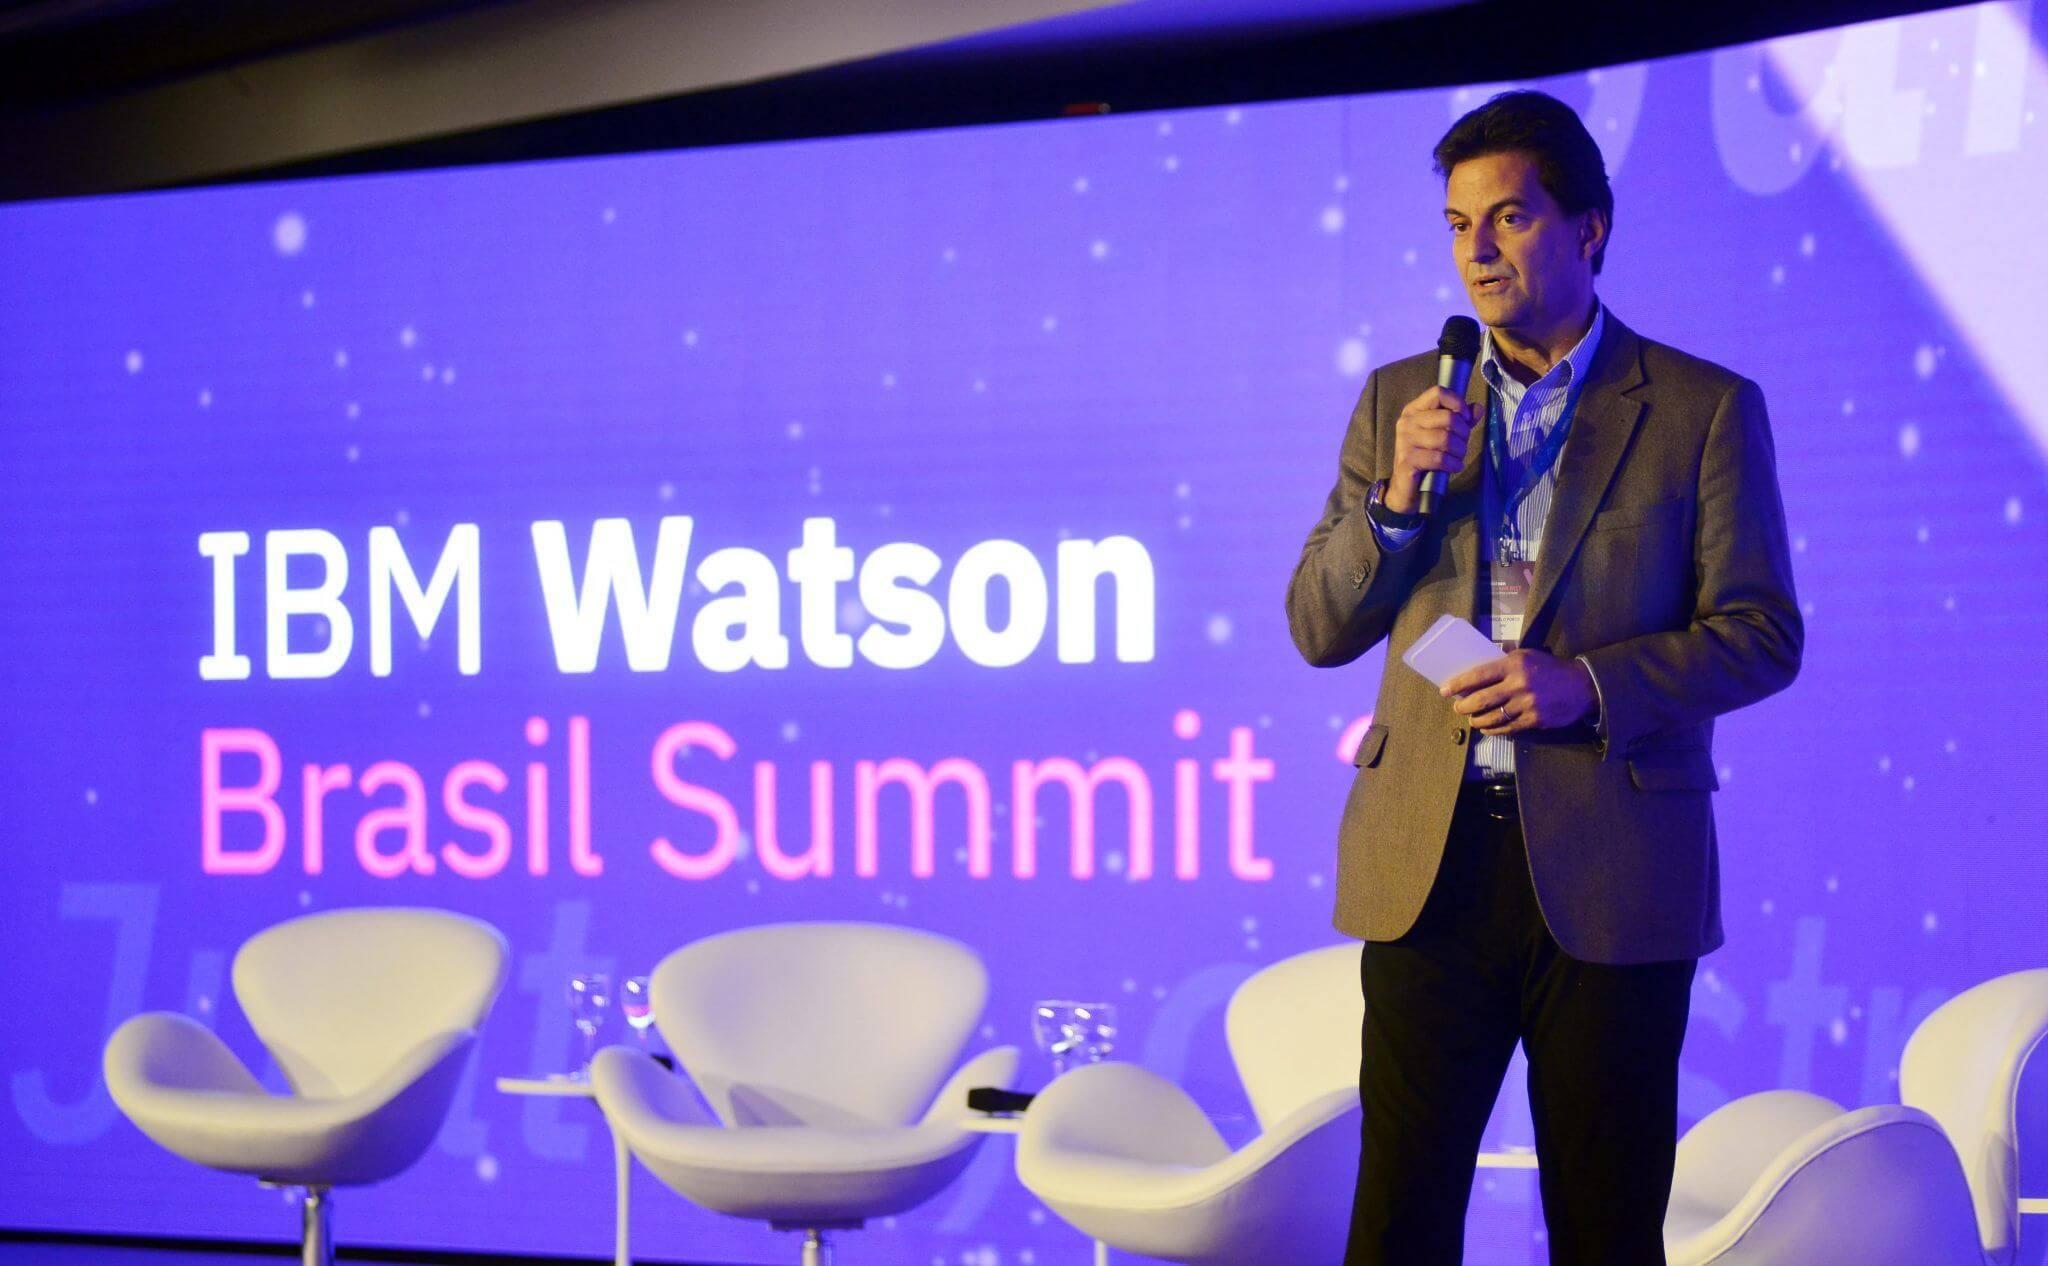 Marcelo porto presidente da ibm no brasil